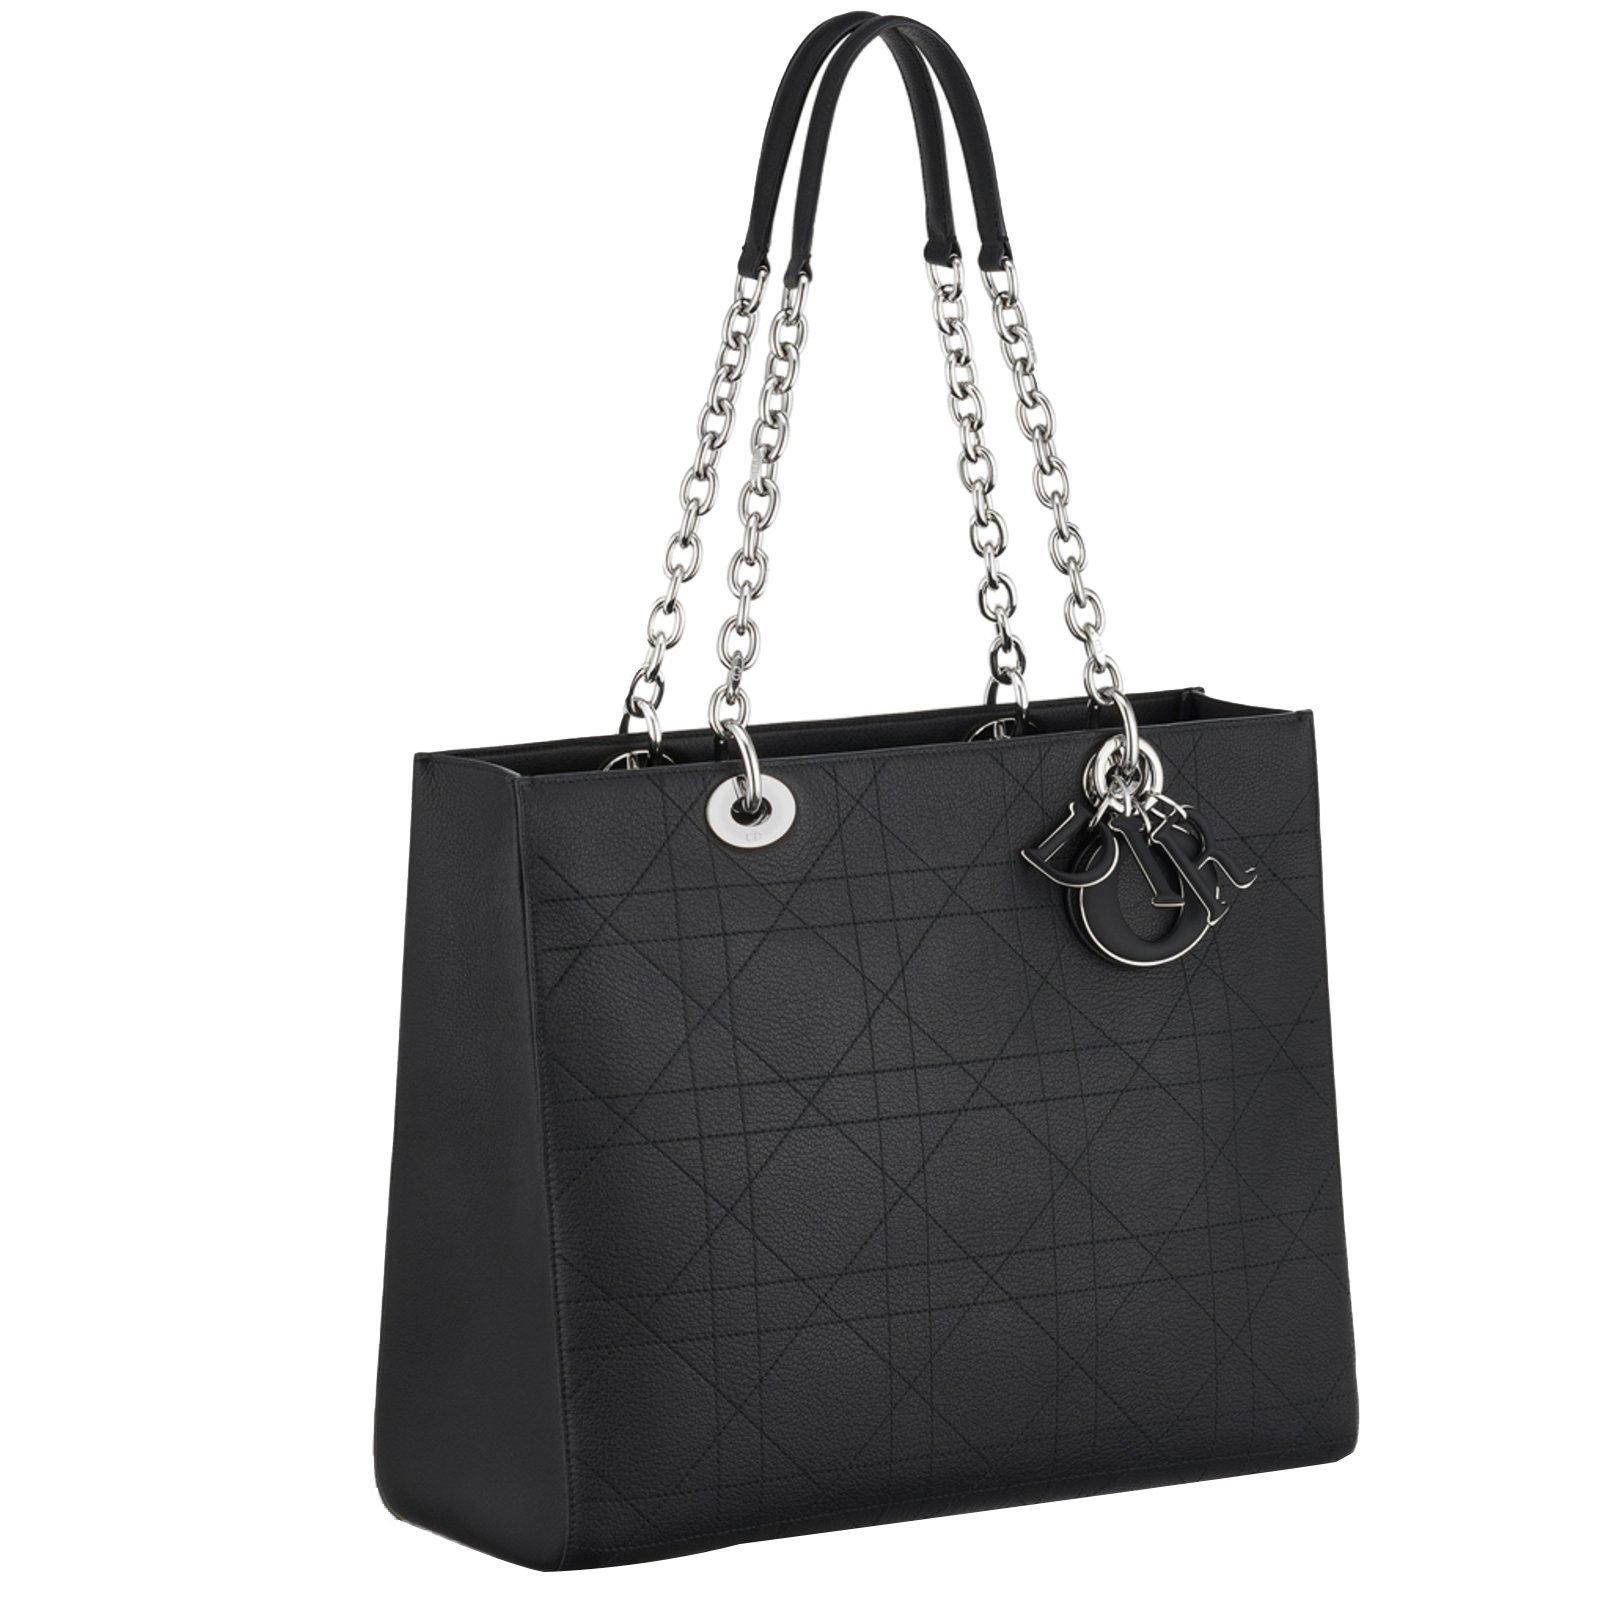 Christian Dior Handbags Handbags Leather Black ref.59947 - Joli Closet e05068385e